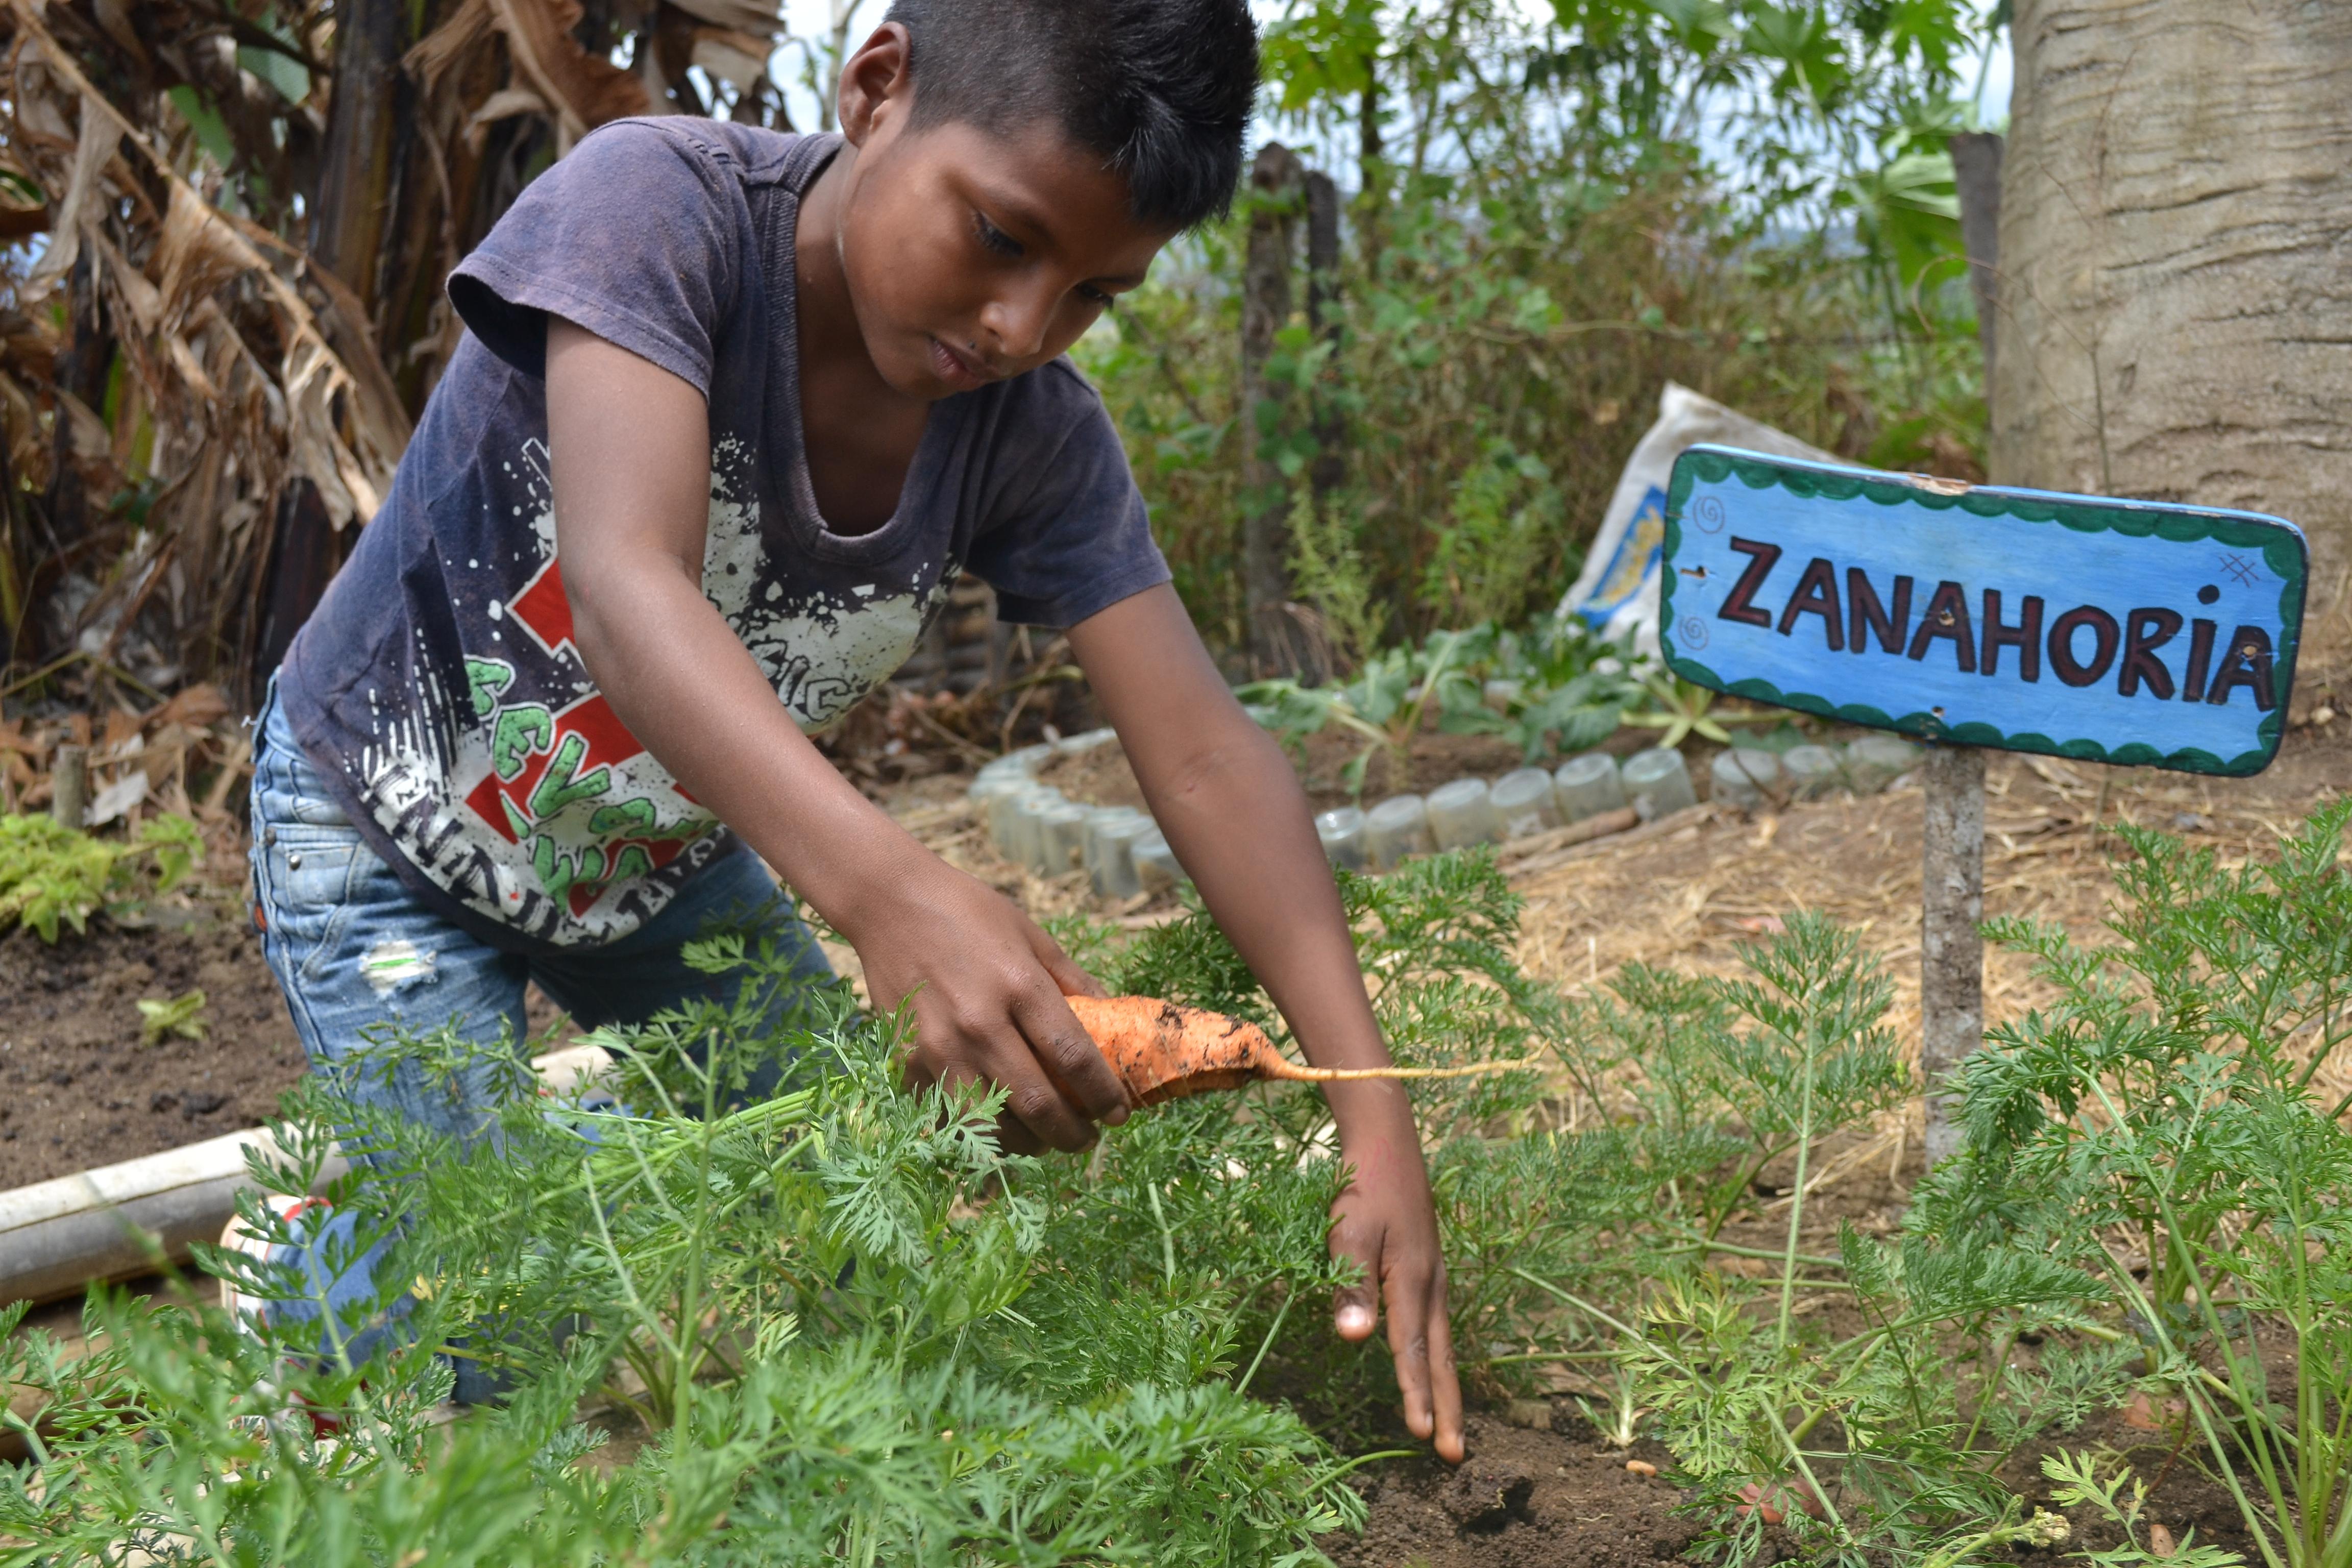 Cultivar para resistir: la huerta escolar que cosecha niños lejos de la violencia